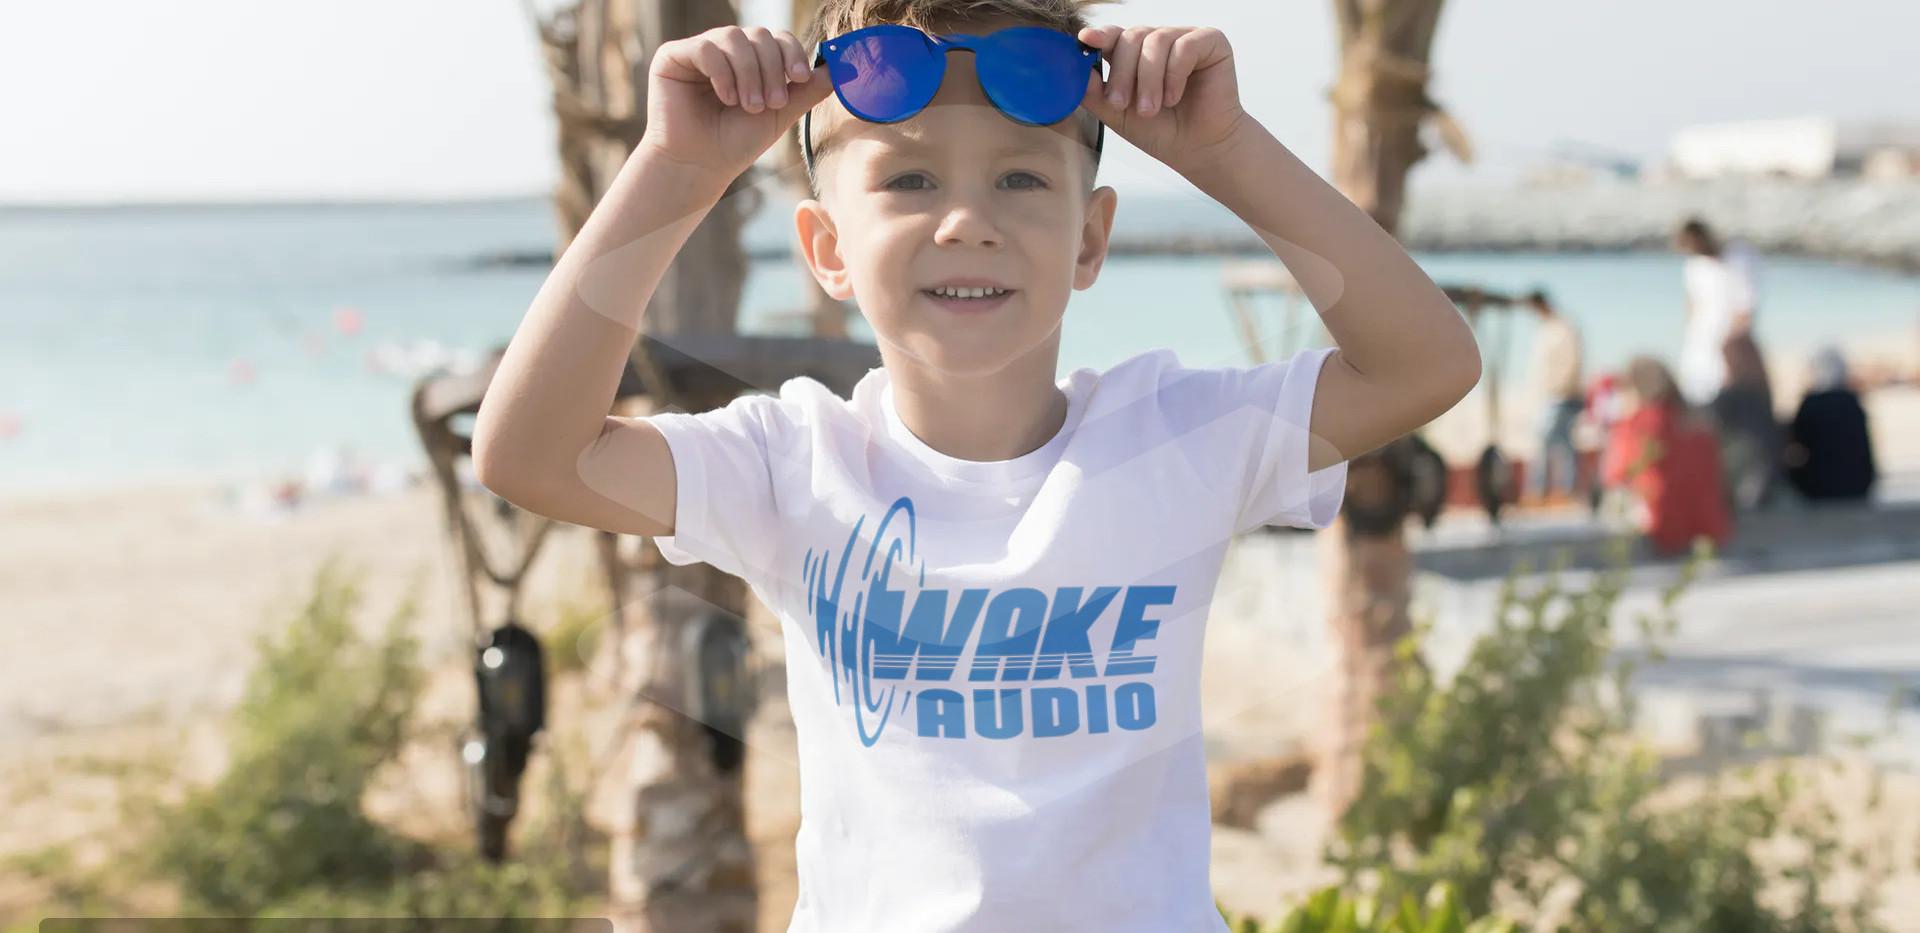 Wake Audio T-shirt (kids)